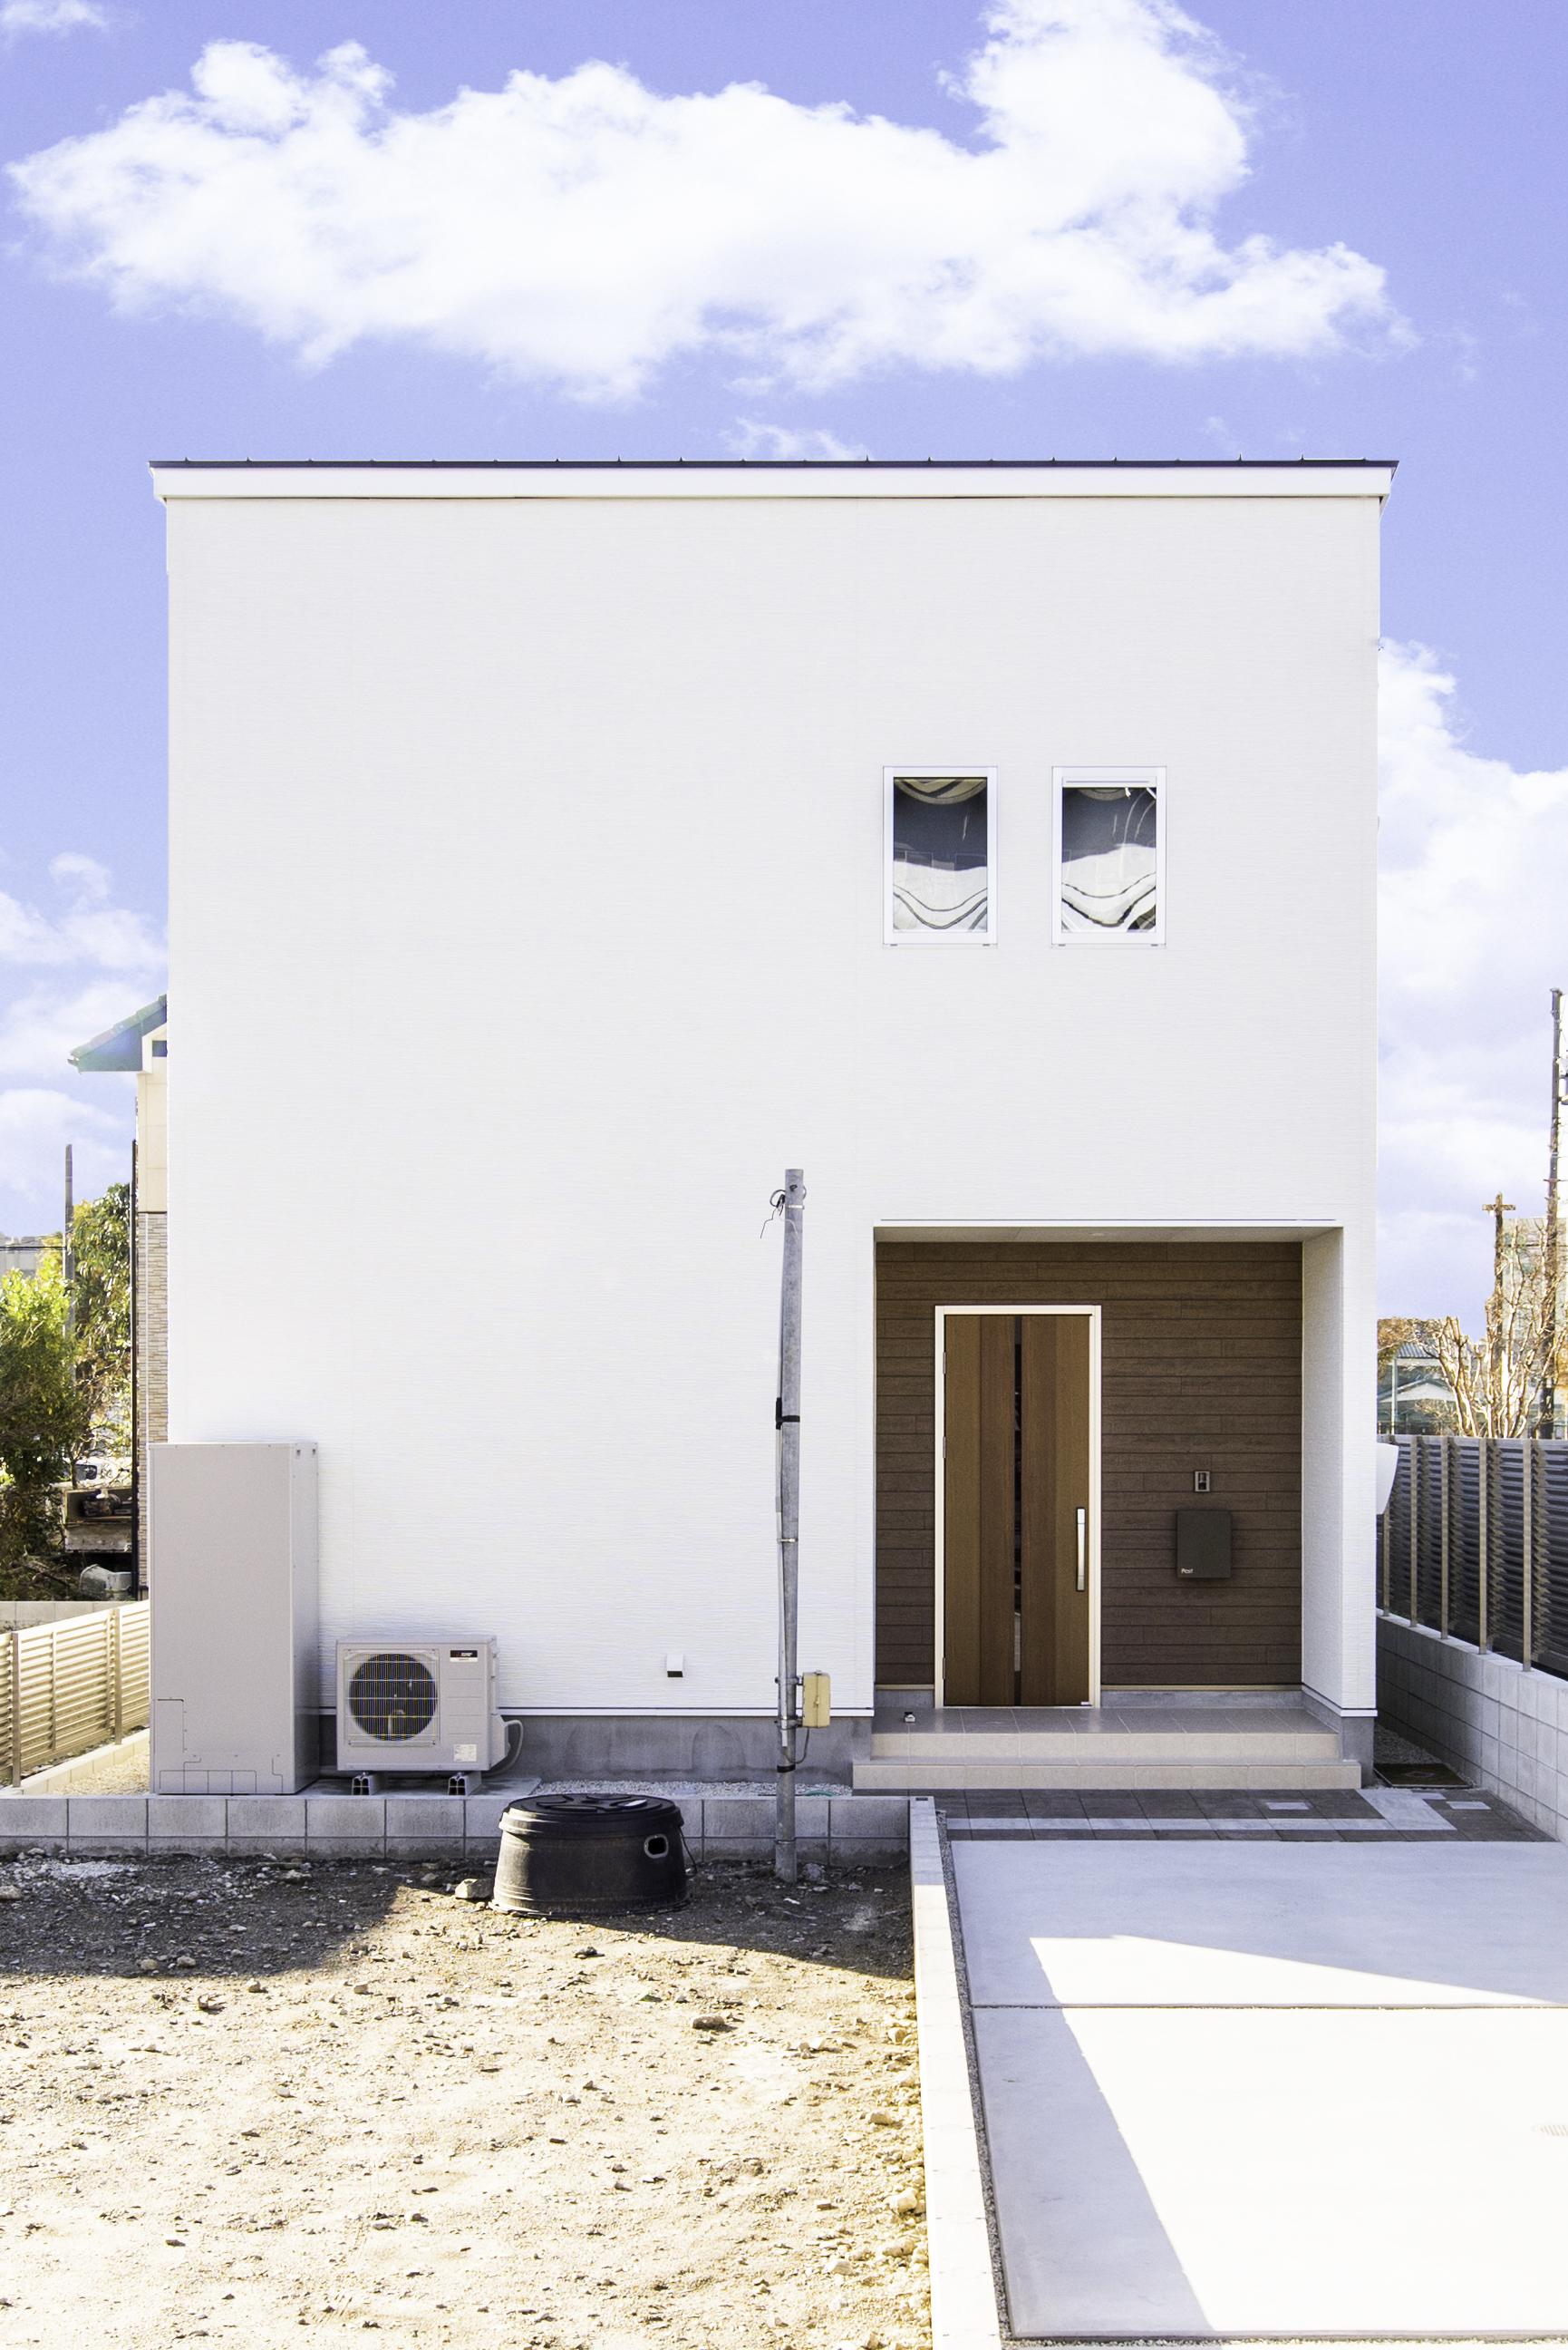 カナルホーム【1000万円台、デザイン住宅、夫婦で暮らす】外観はシンプルなキューブ型で、白と木目調のサイディングが程よく調和している。同社の家は全棟長期優良住宅認定、耐震等級3が標準仕様